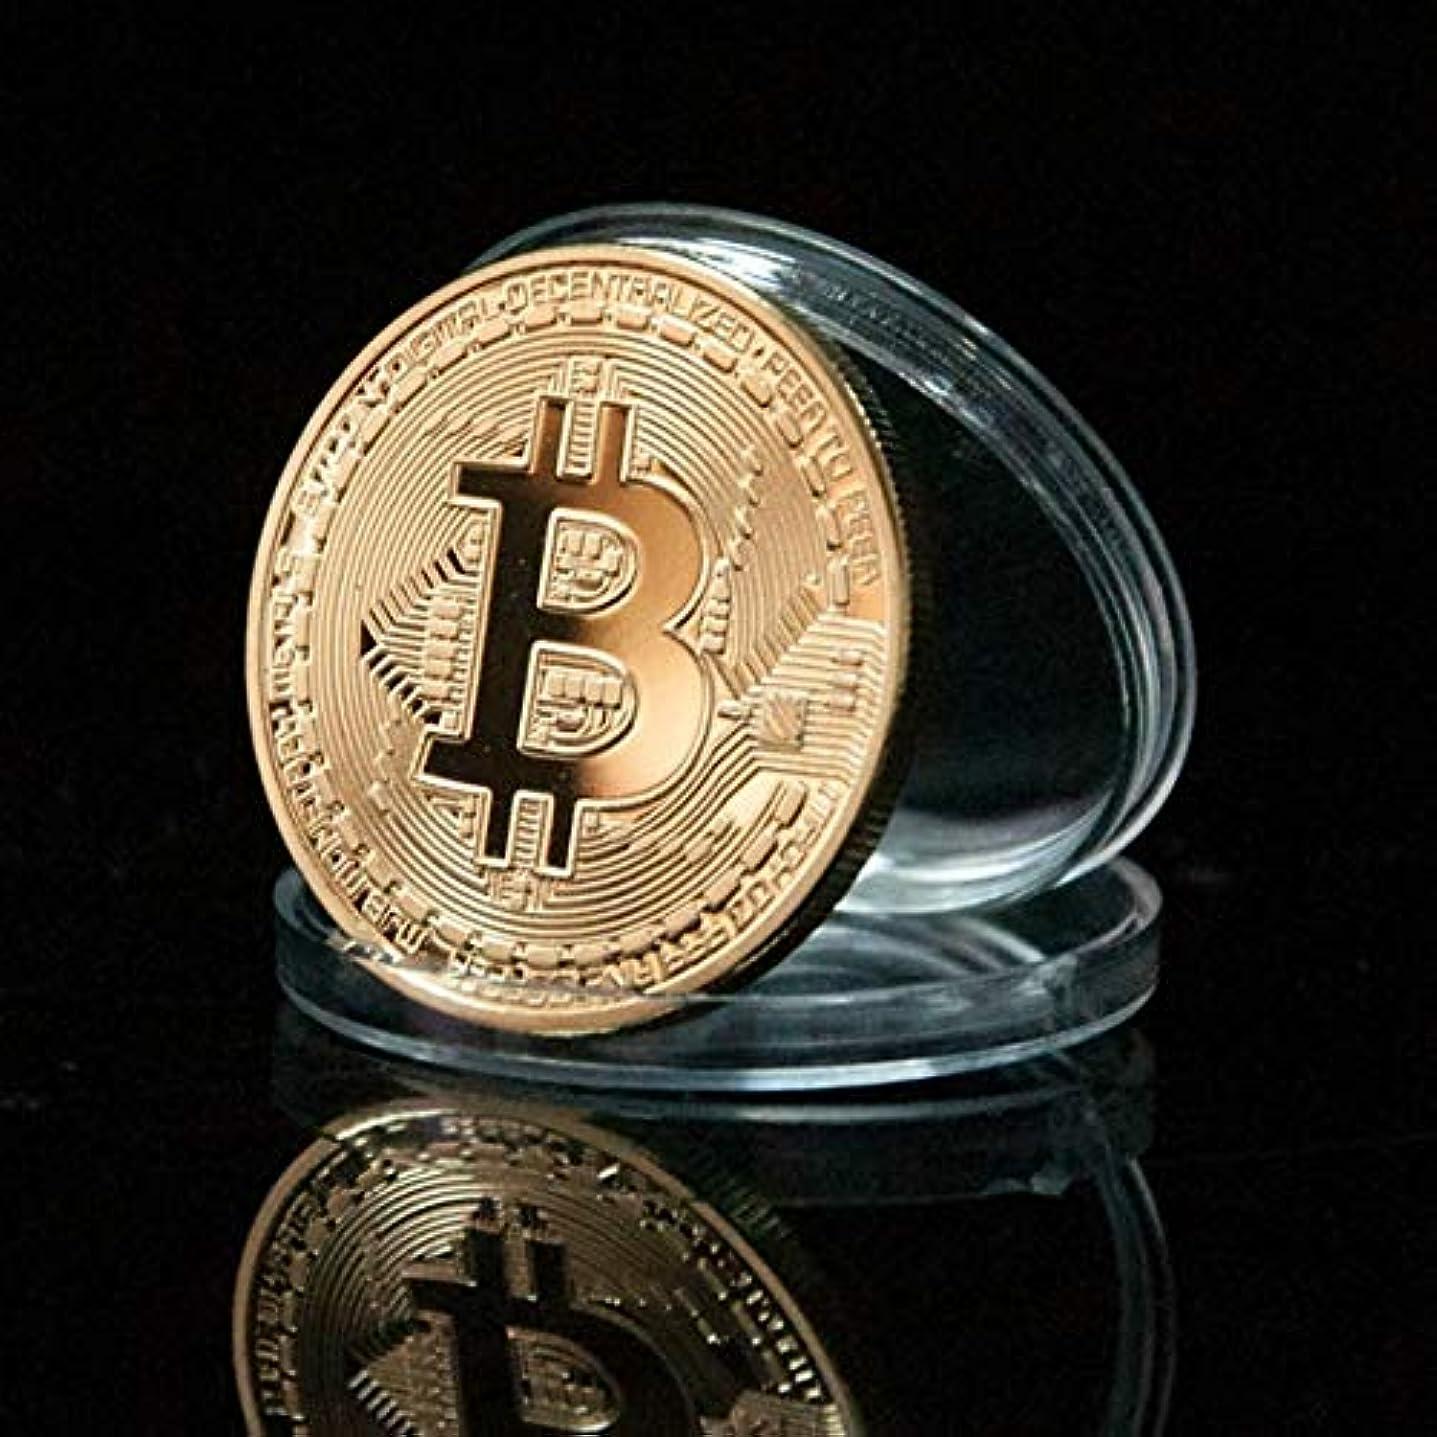 お尻歴史遺体安置所Jicorzo - ゴールドメッキ物理Bitcoins - お土産新年のギフトのためのケースでは、各CasasciusビットコインBTCの1